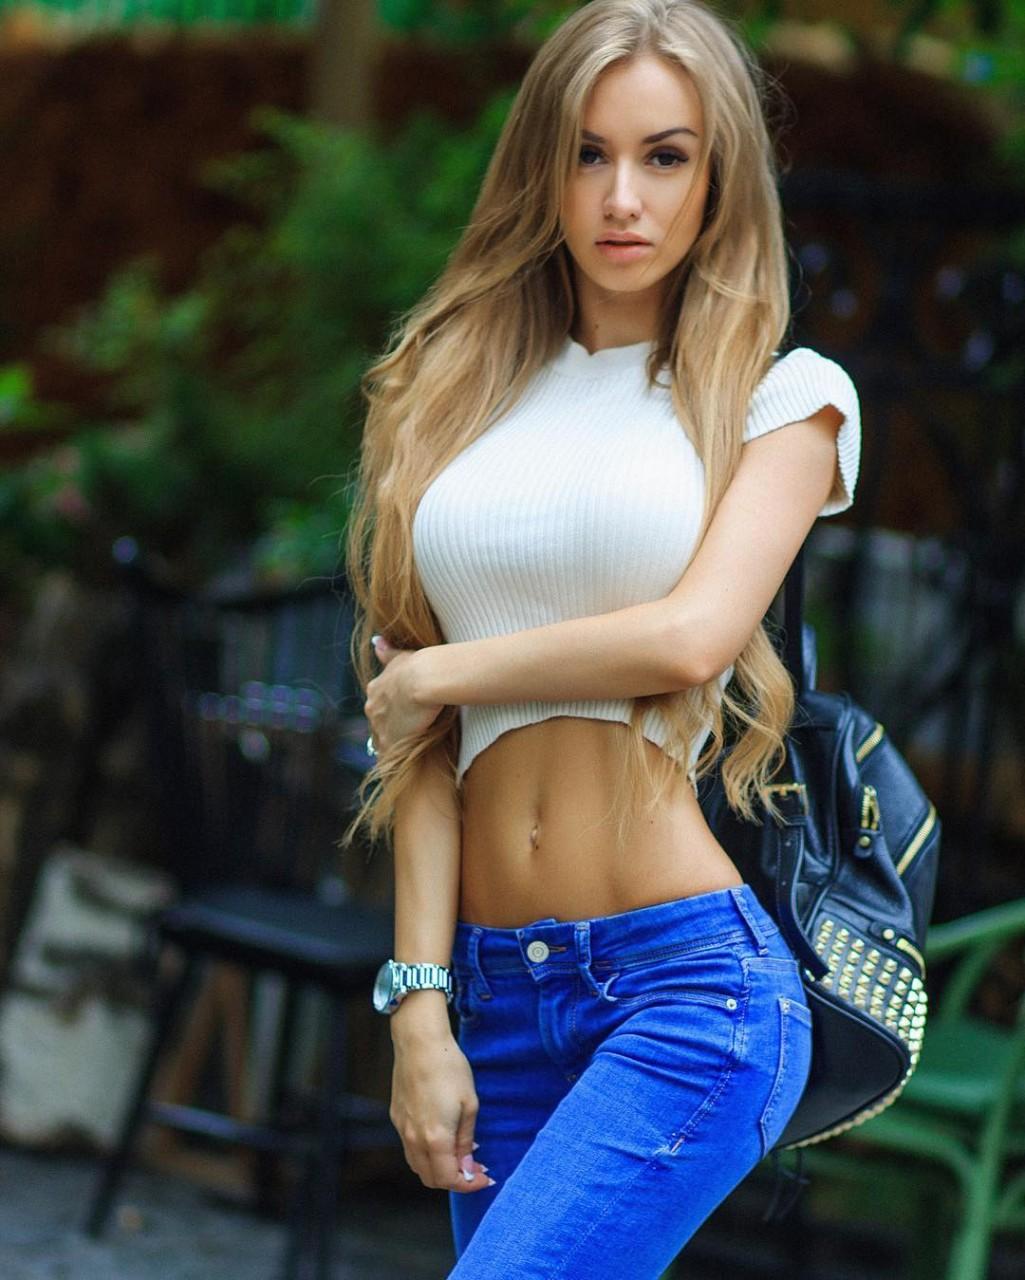 ФОТОАЛЬБОМ ЖЕНСКОЙ ПРИВЛЕКАТЕЛЬНОСТИ 5